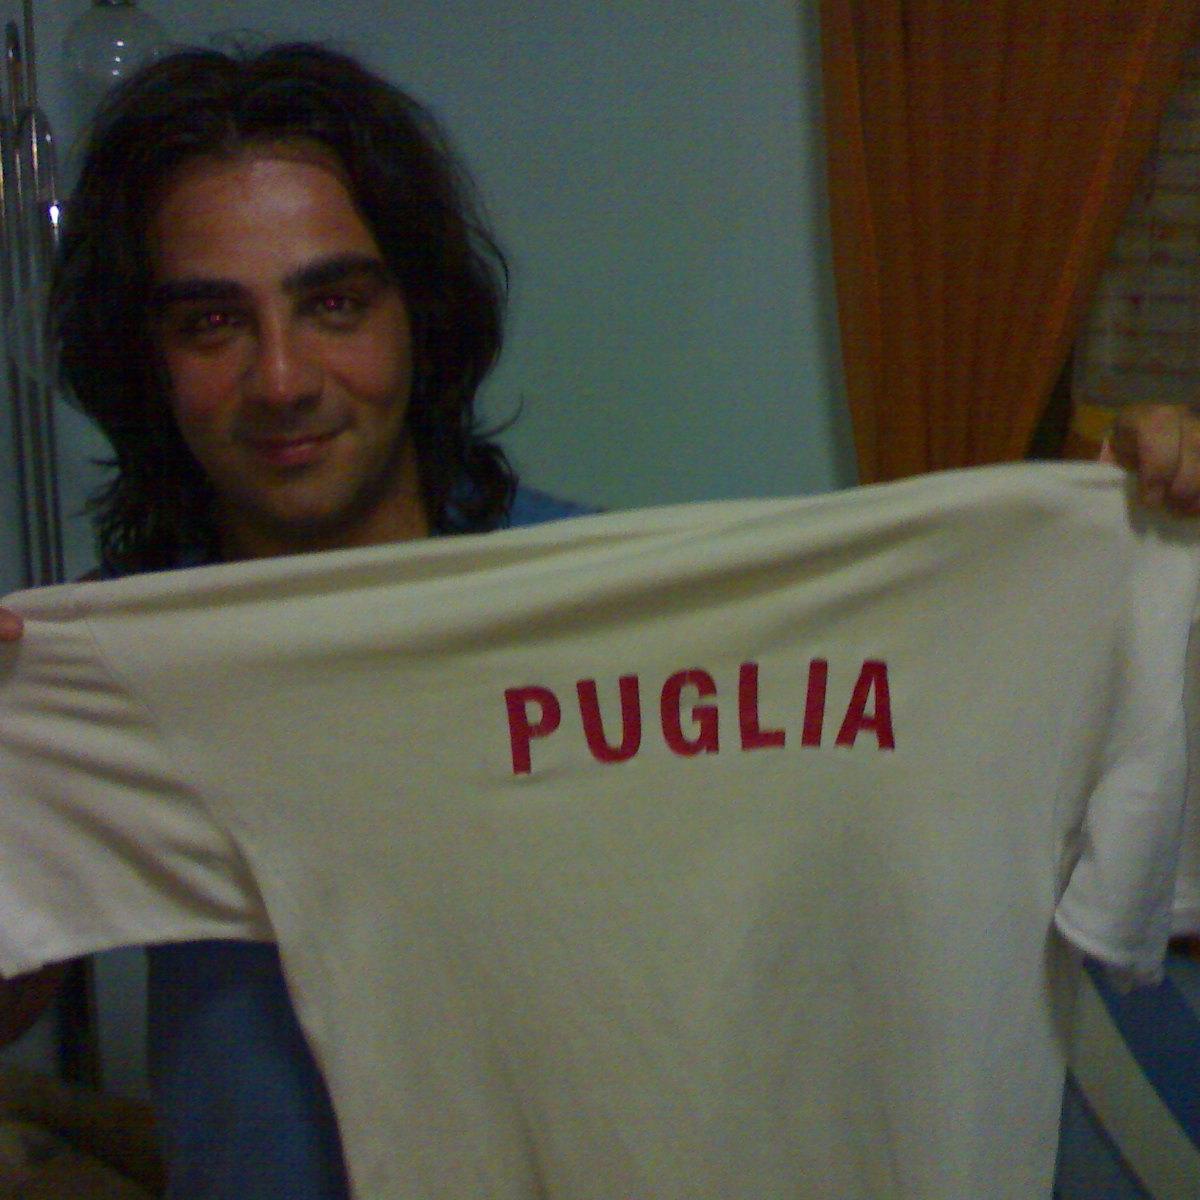 Cristiano Puglia